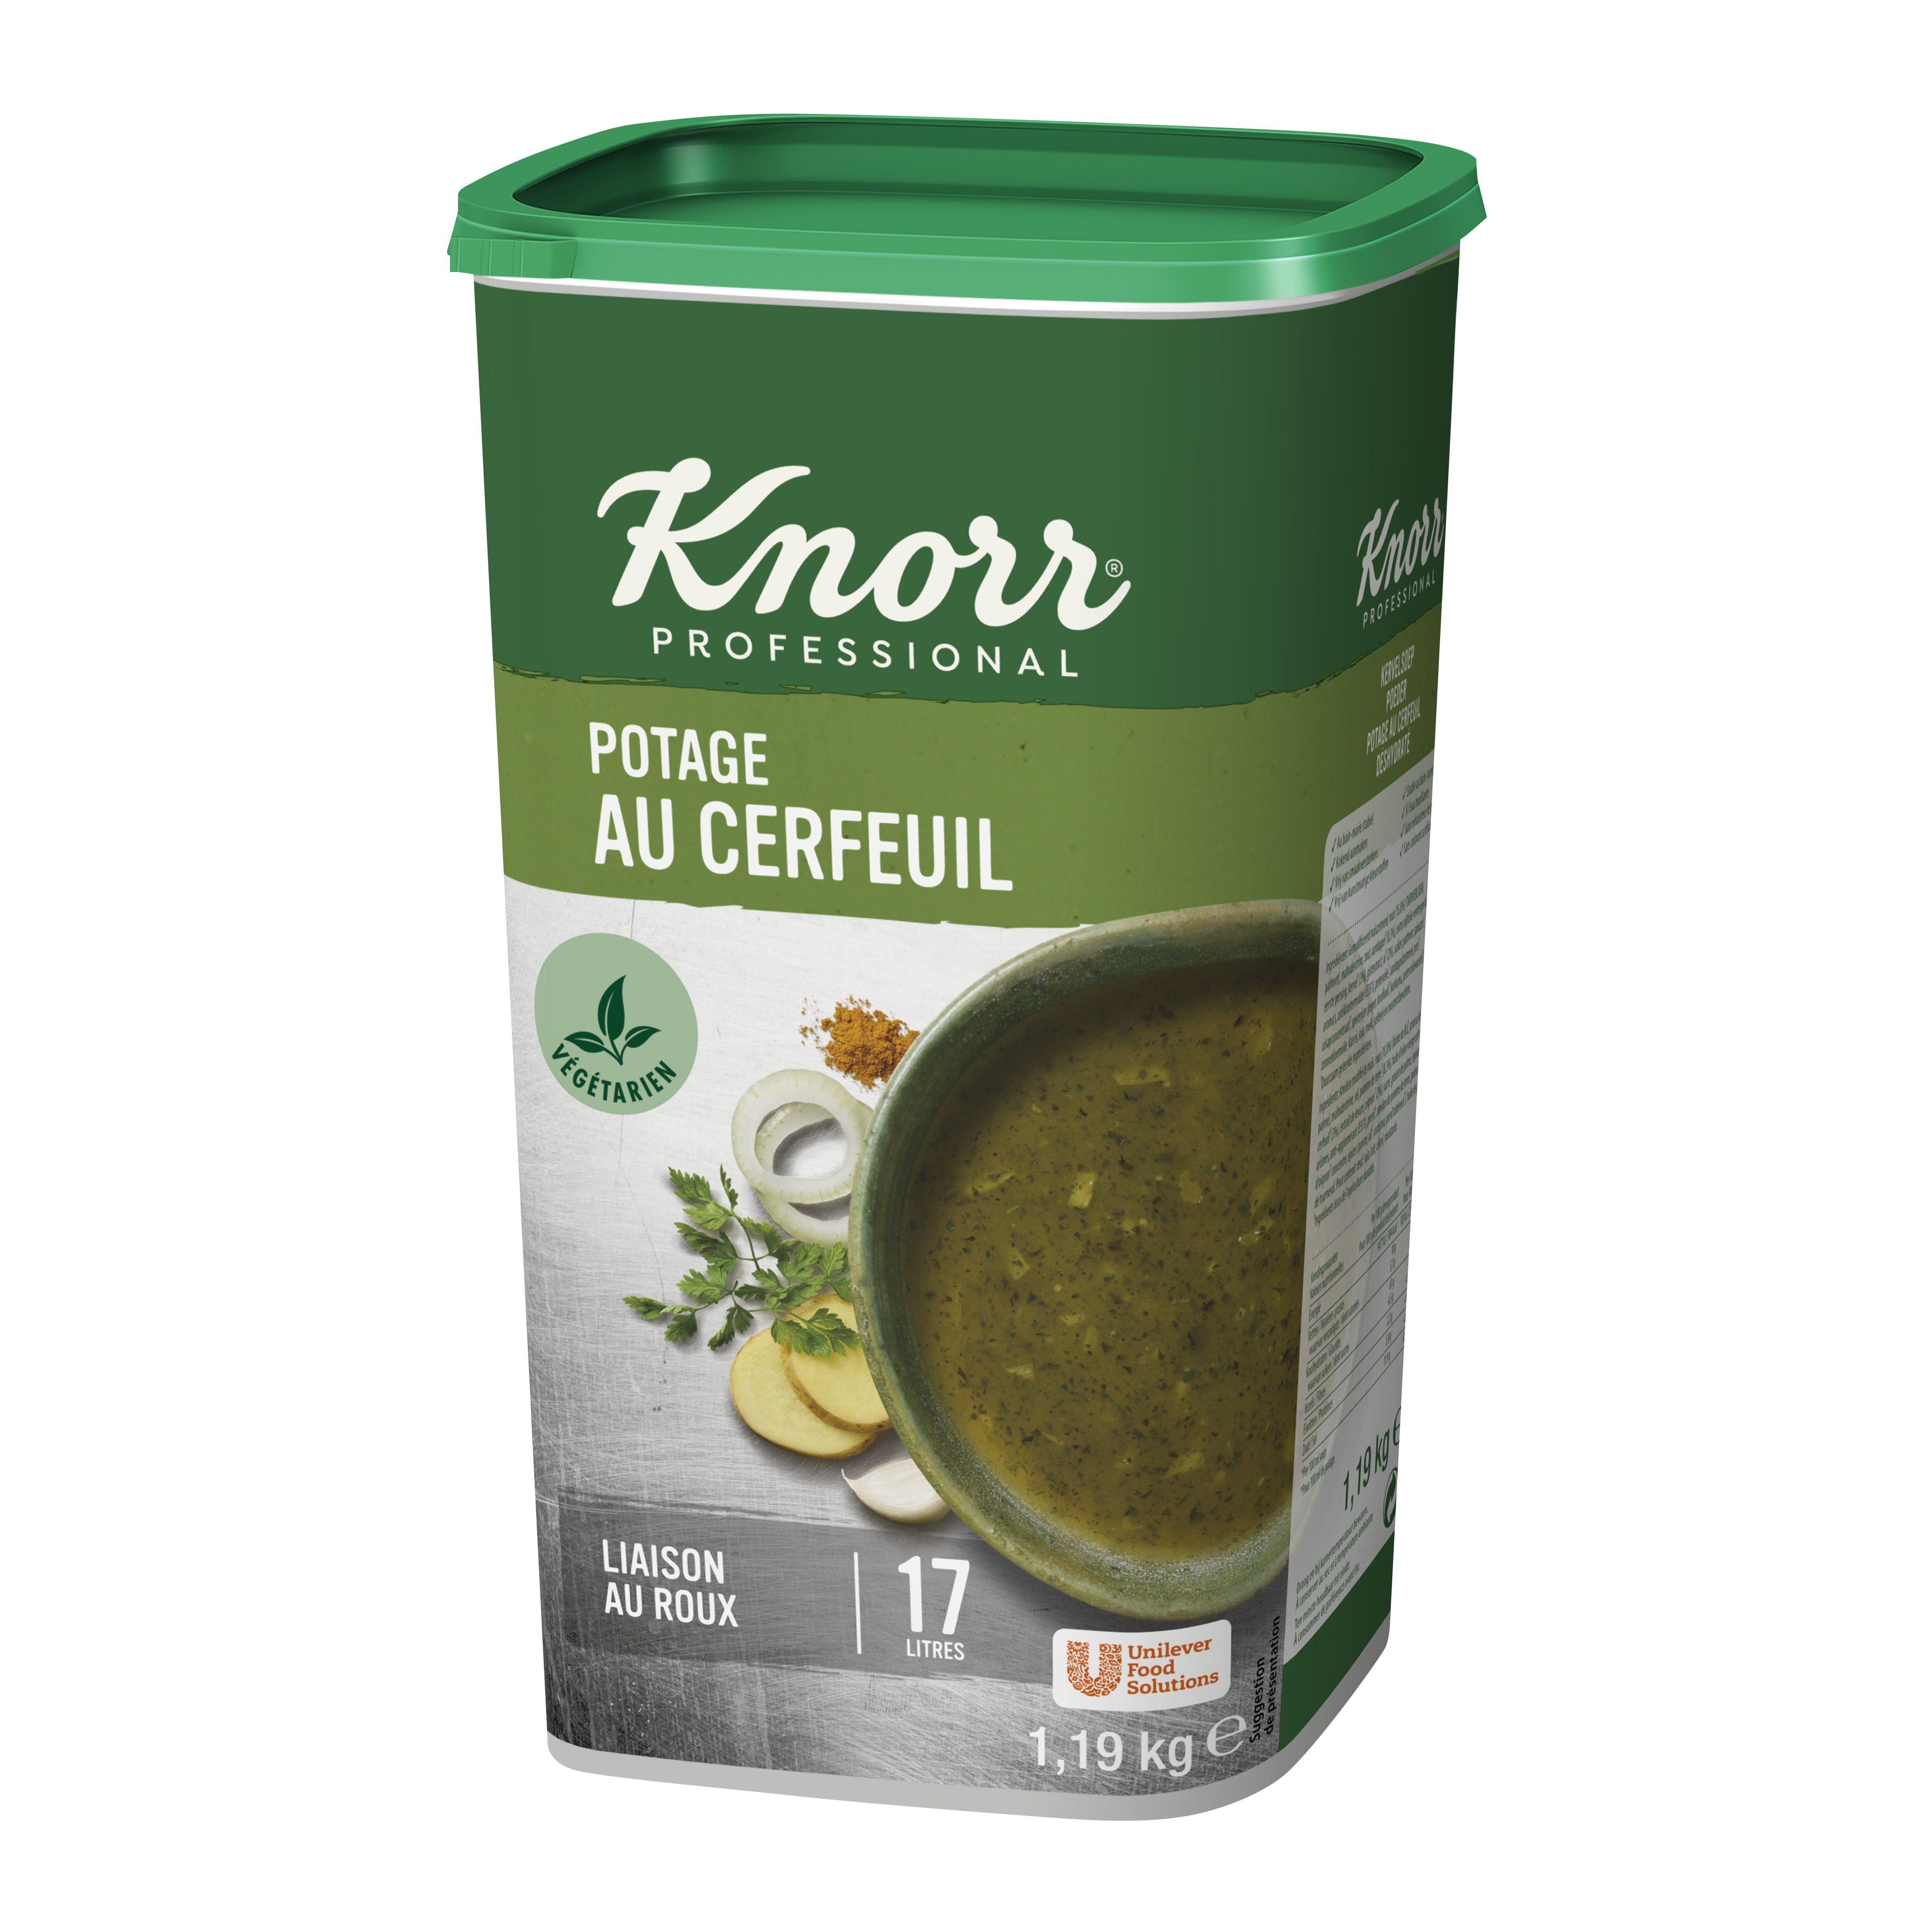 Knorr kervelsoep 1.19kg Professional